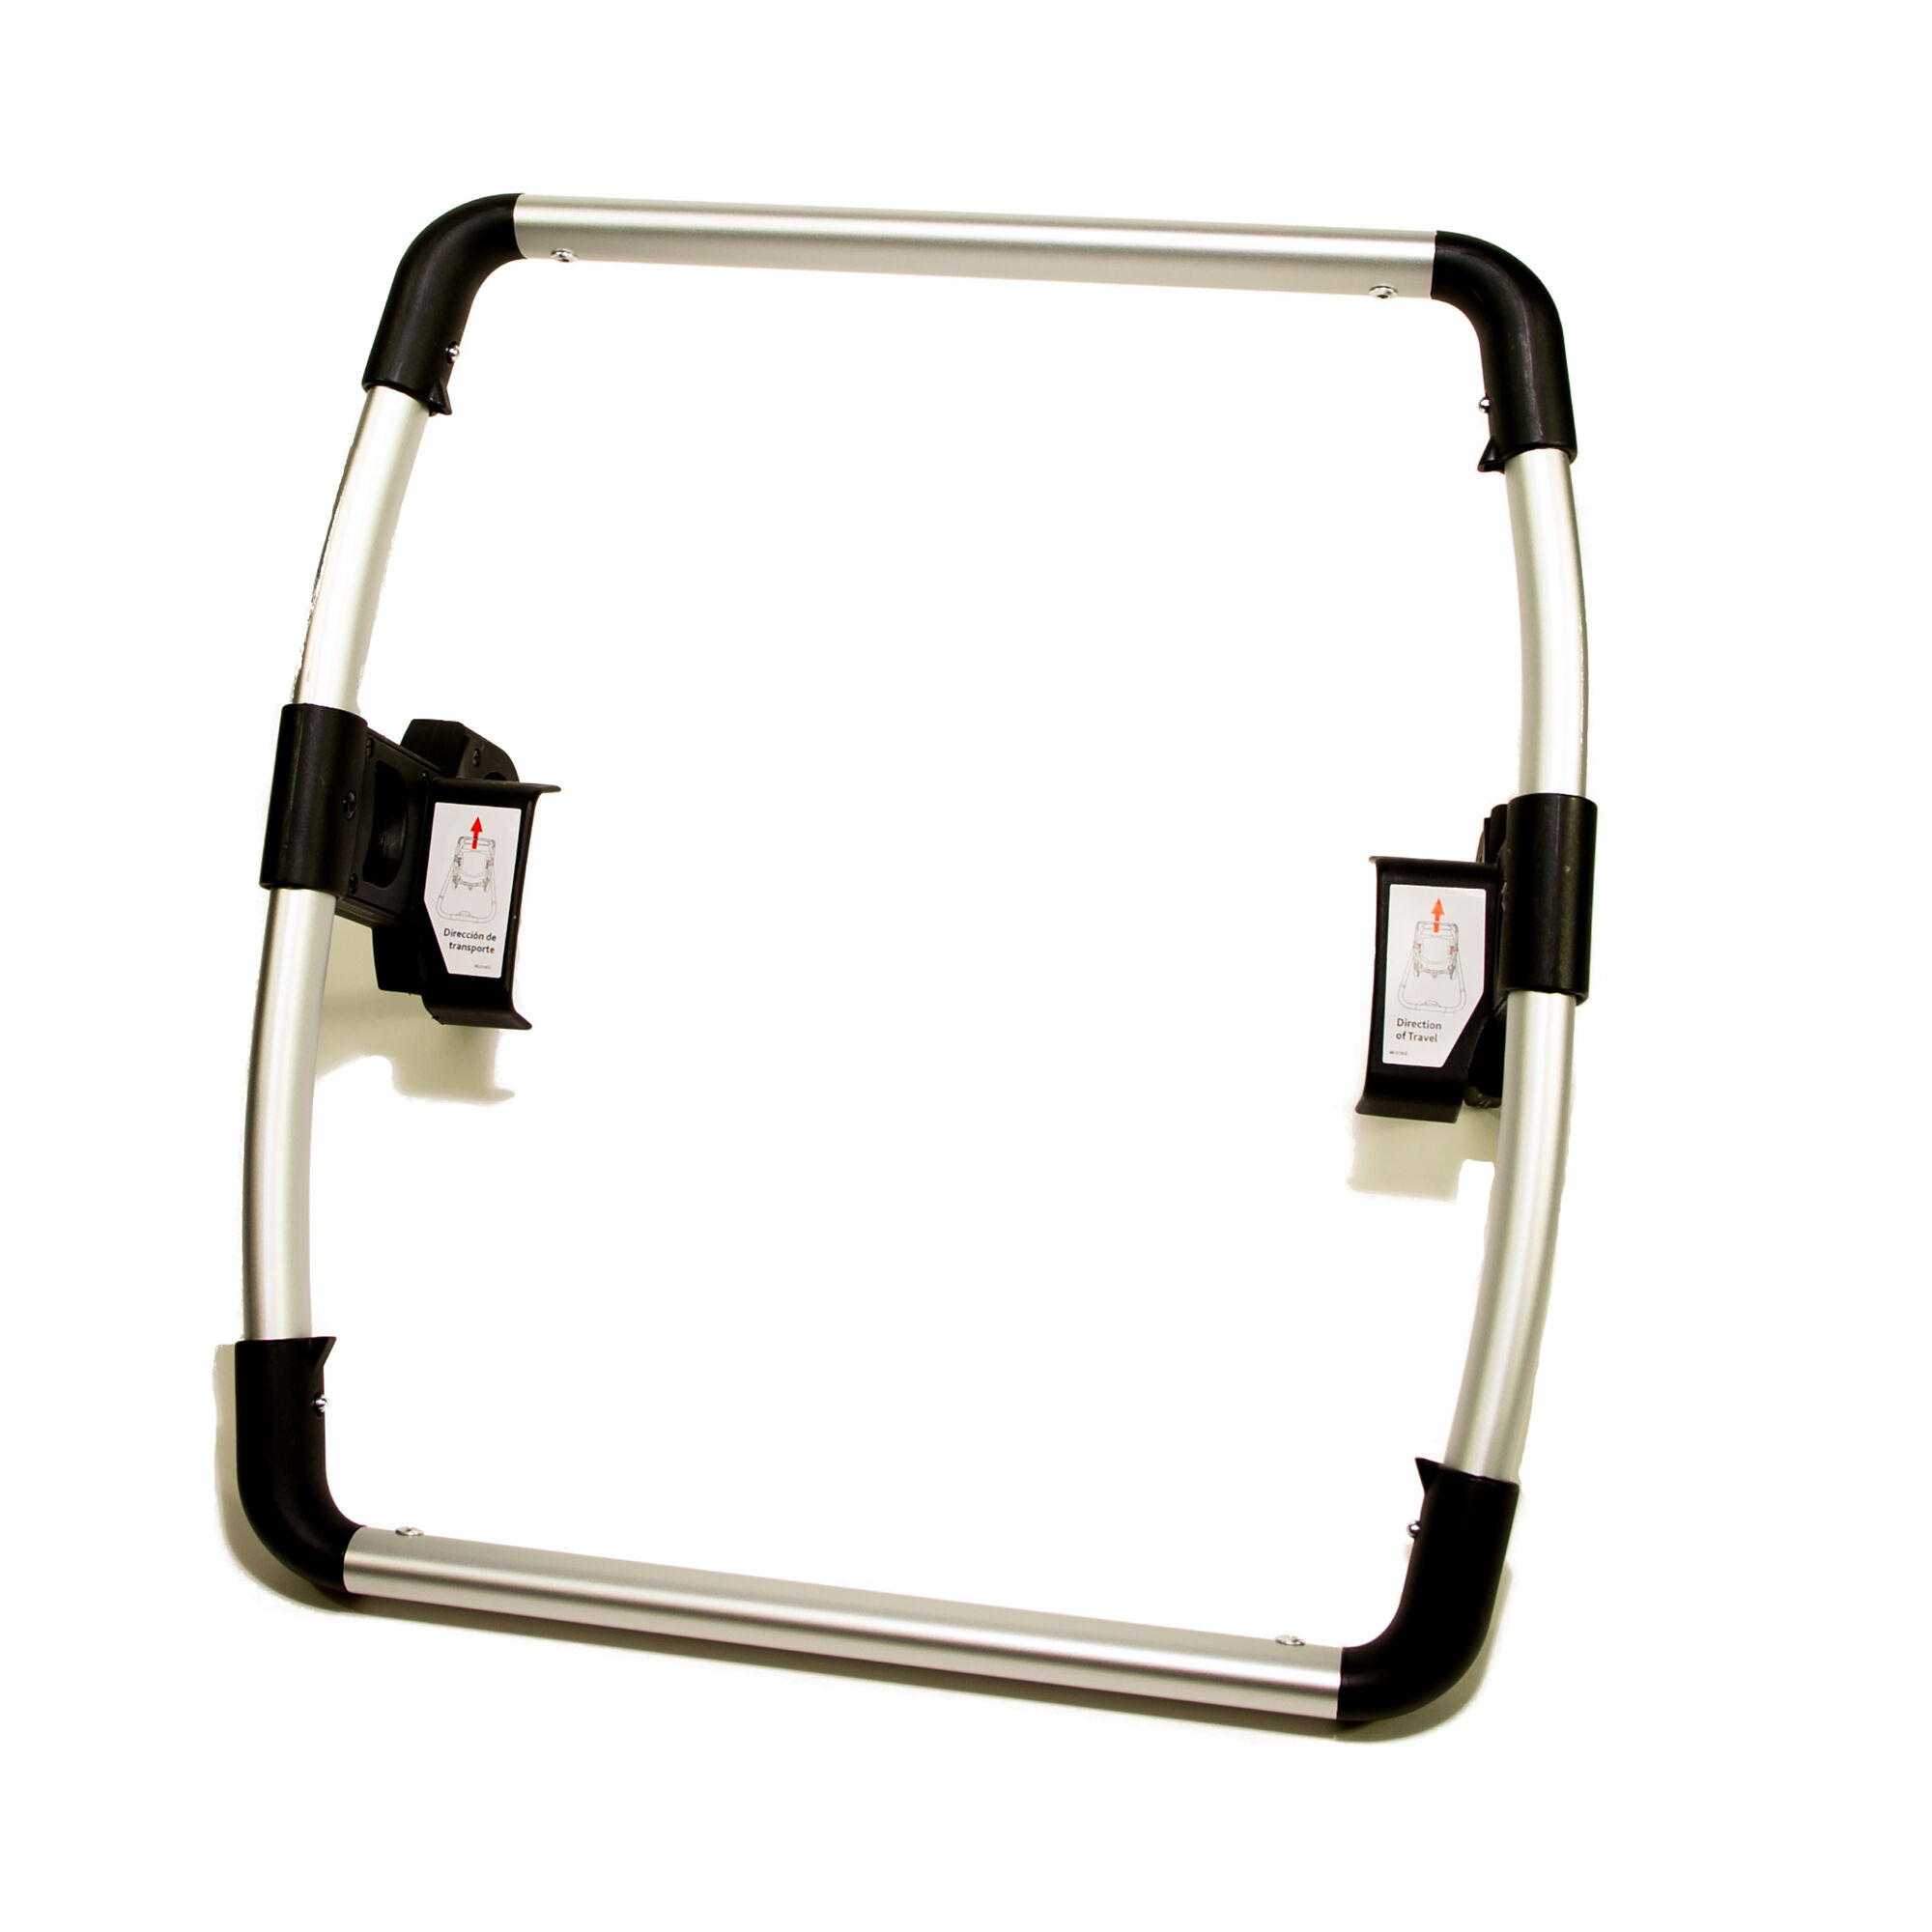 Urban stroller KeyFit car seat adaptor bar